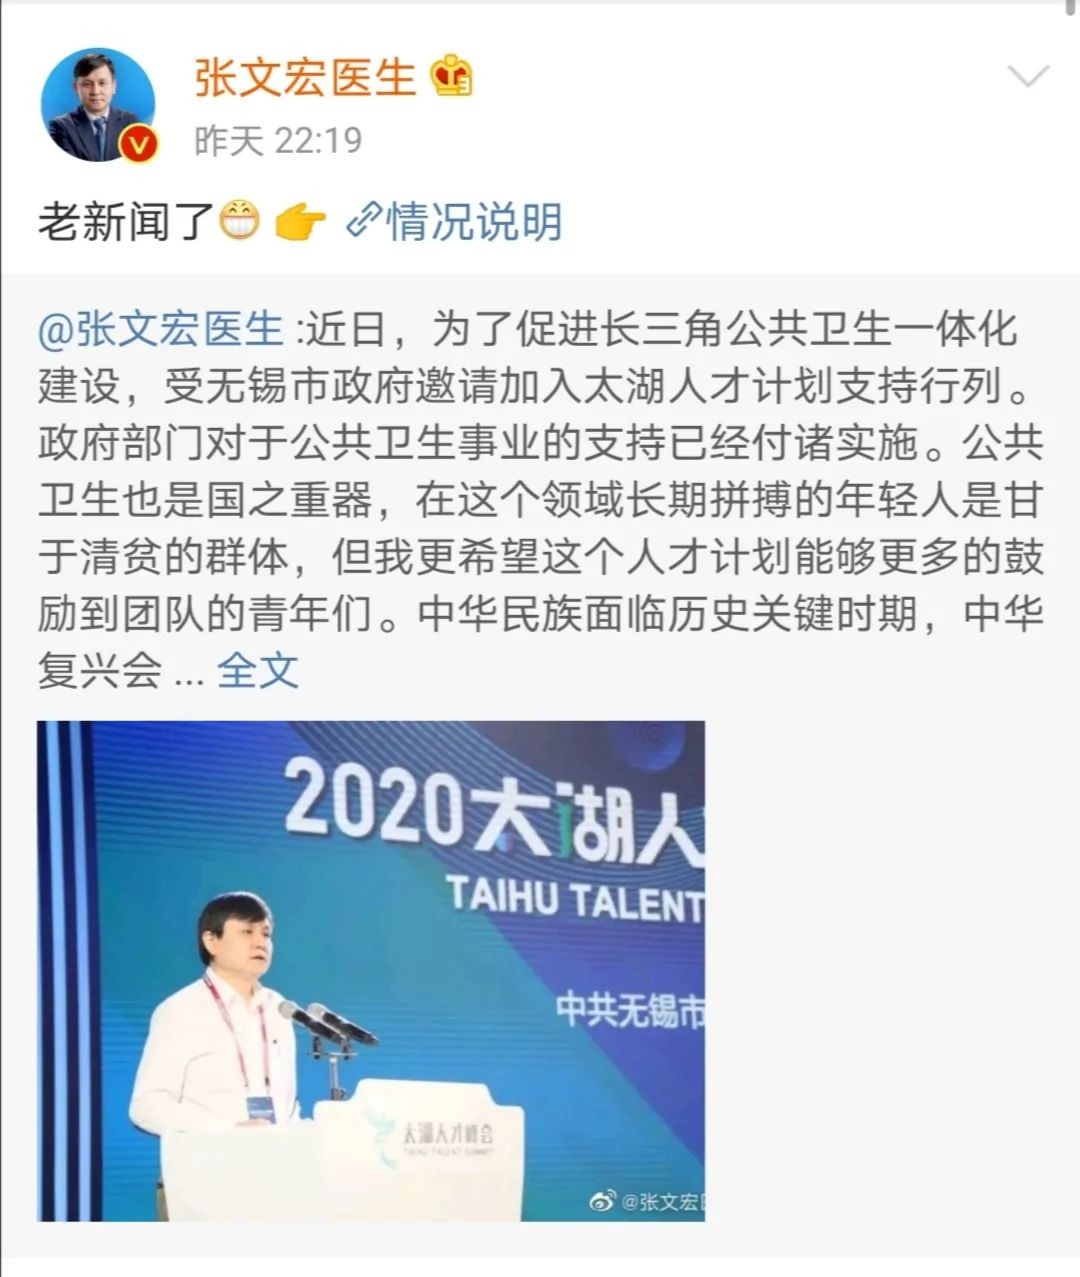 张文宏被无锡奖励一套湖墅+1200万现金+5000万研究资金?情况说明来了!